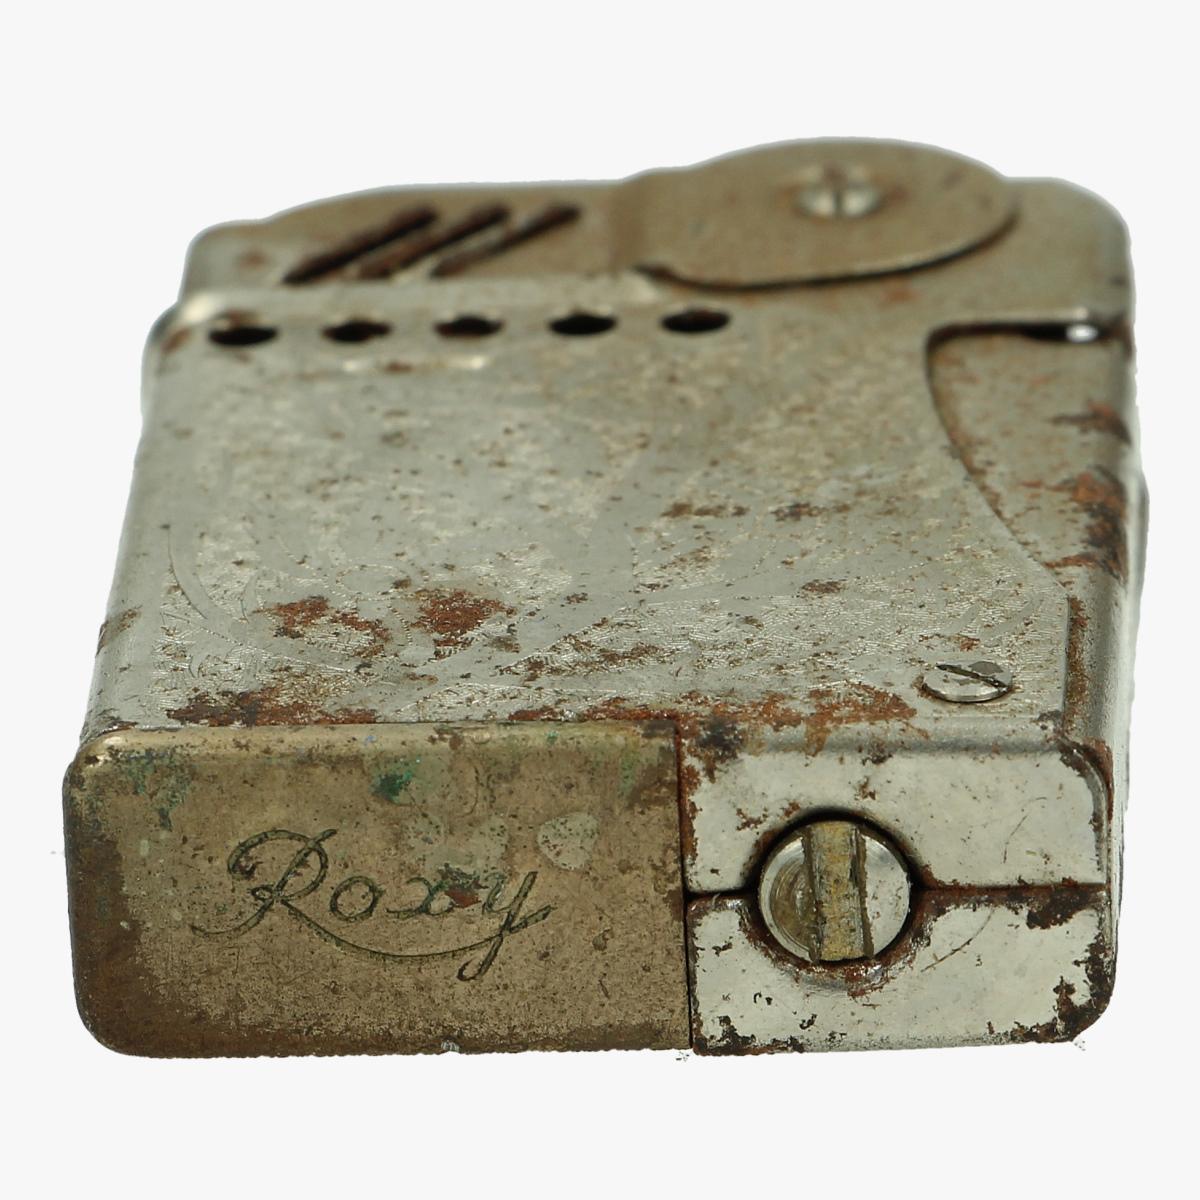 Afbeeldingen van oude aansteker roxy